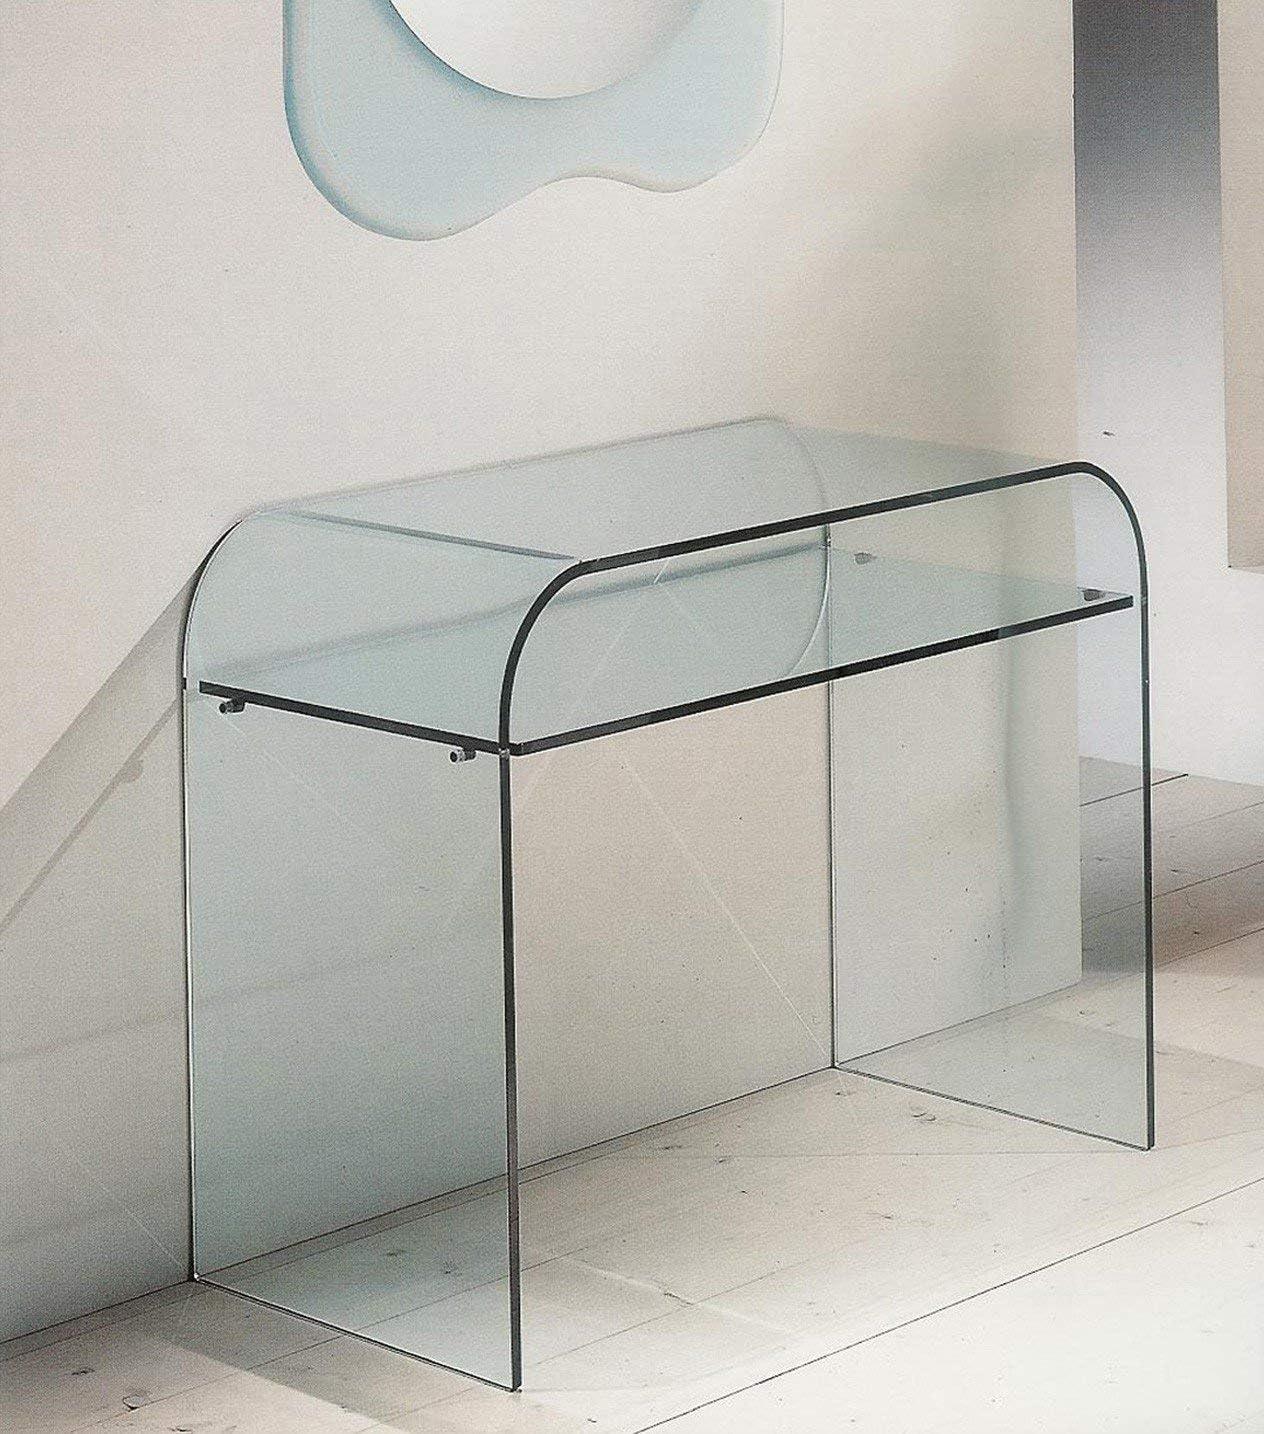 6 mm Trasparente Luxury Z-90 50 x 40 x 58 Cm Spessore Vetro Bricozone Tavolino in Vetro Temperato Consolle con 2 Ripiani da Salotto Cucina Ingresso Sala da Pranzo Ufficio 12 mm Spessore Ripiani